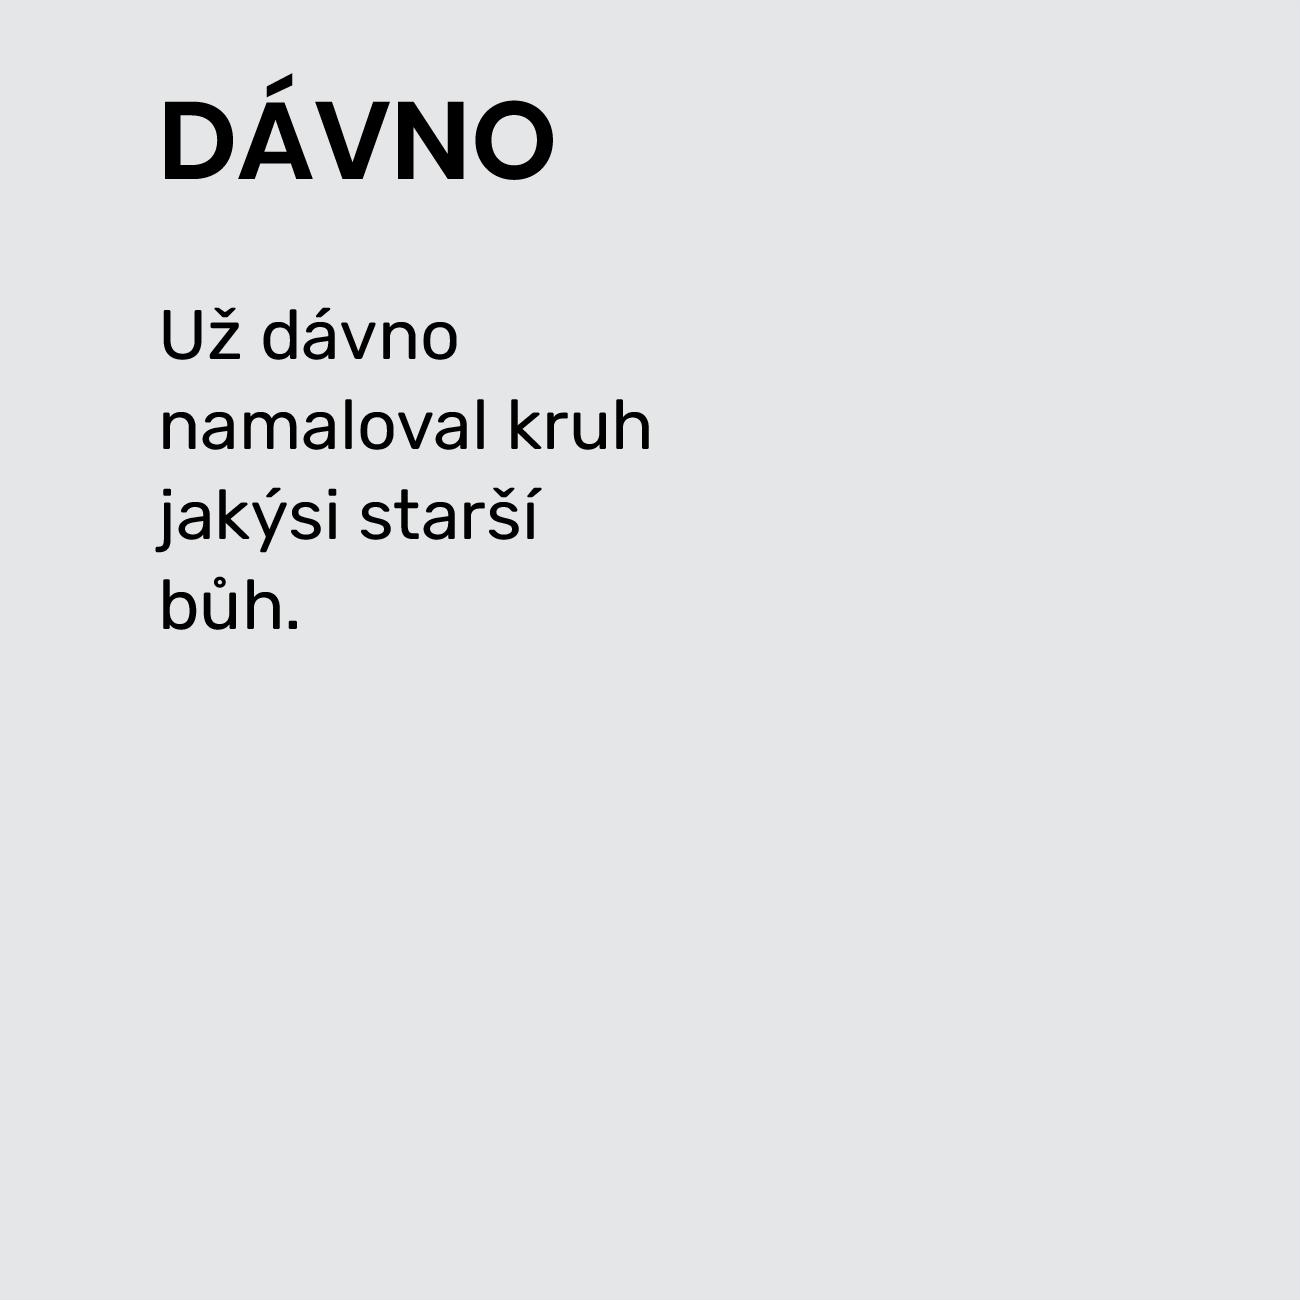 DÁVNO